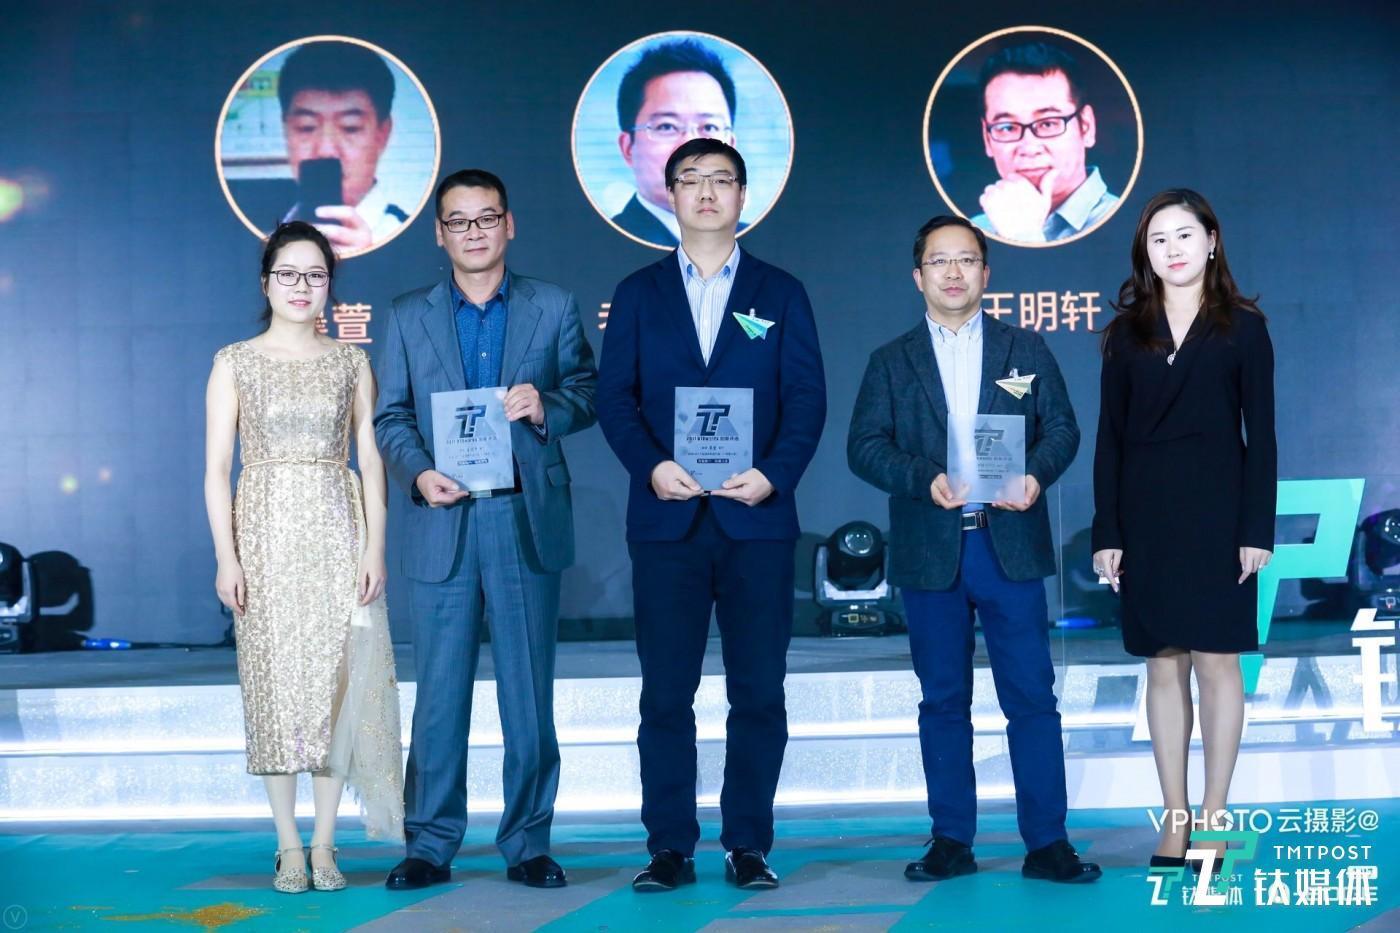 从左到右:葛佳音、王明轩、晨萱、老解1972、腾讯新闻